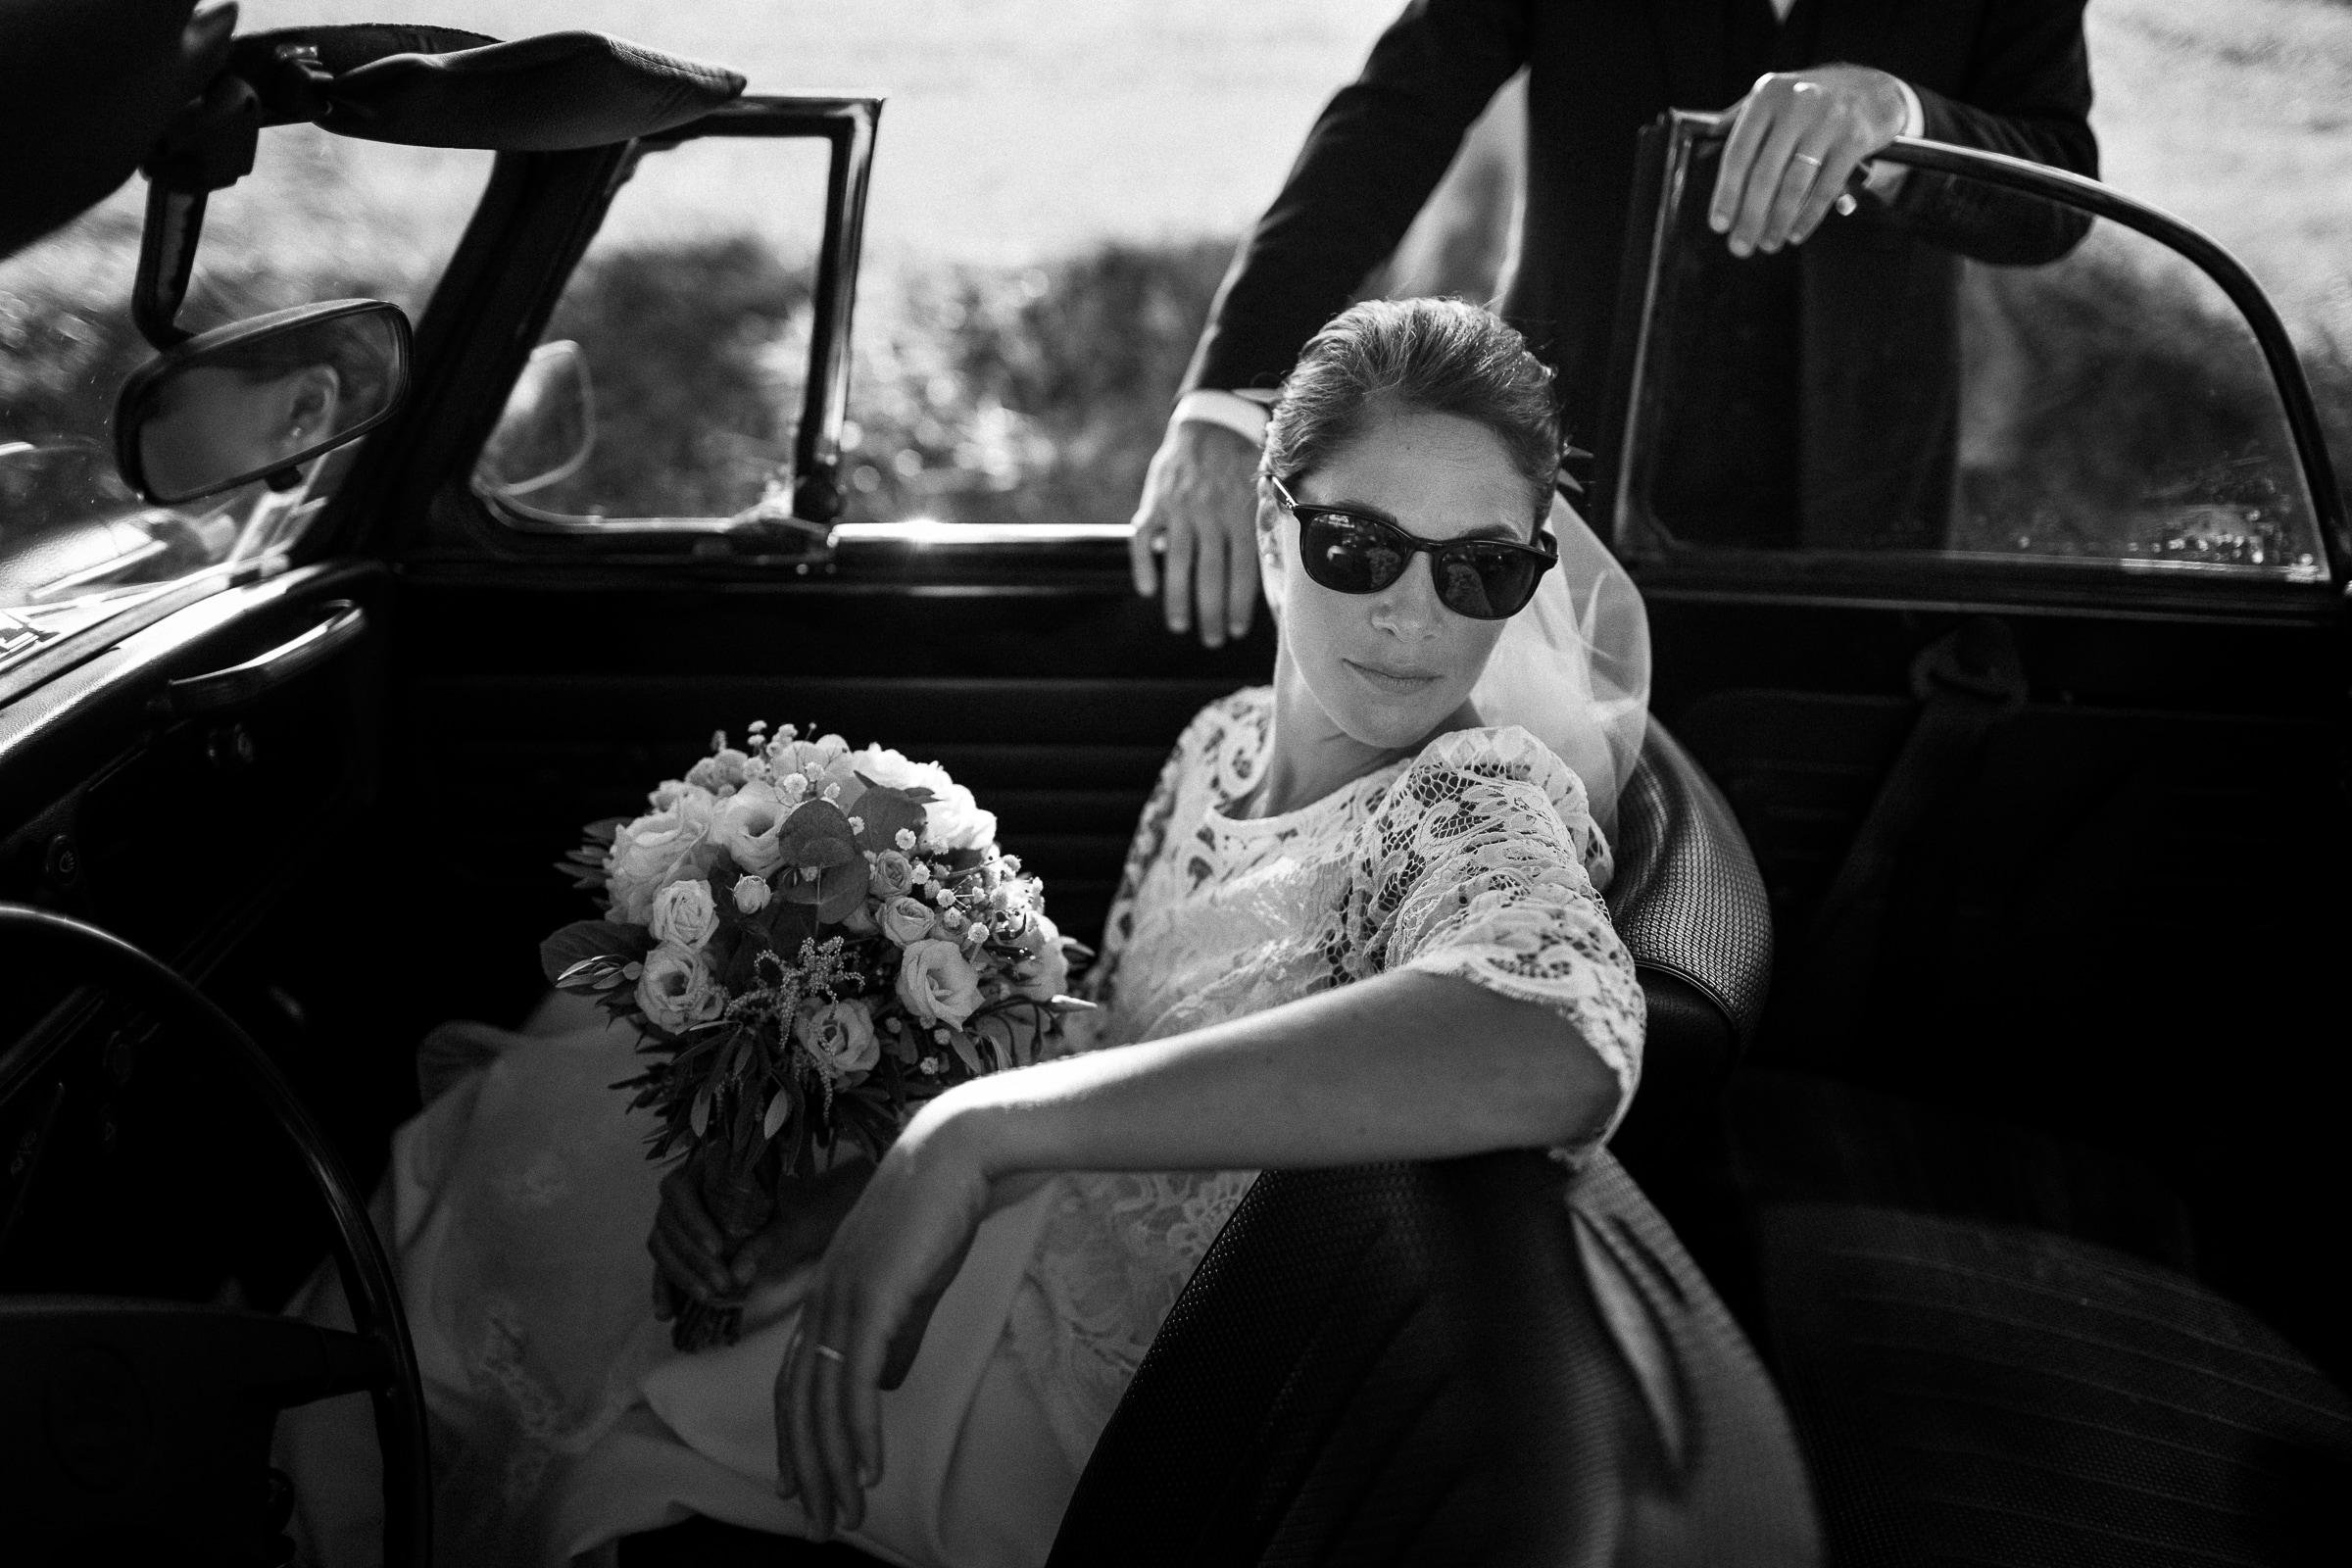 bride-in-car-sylvain-bouzat-wedding-photographer